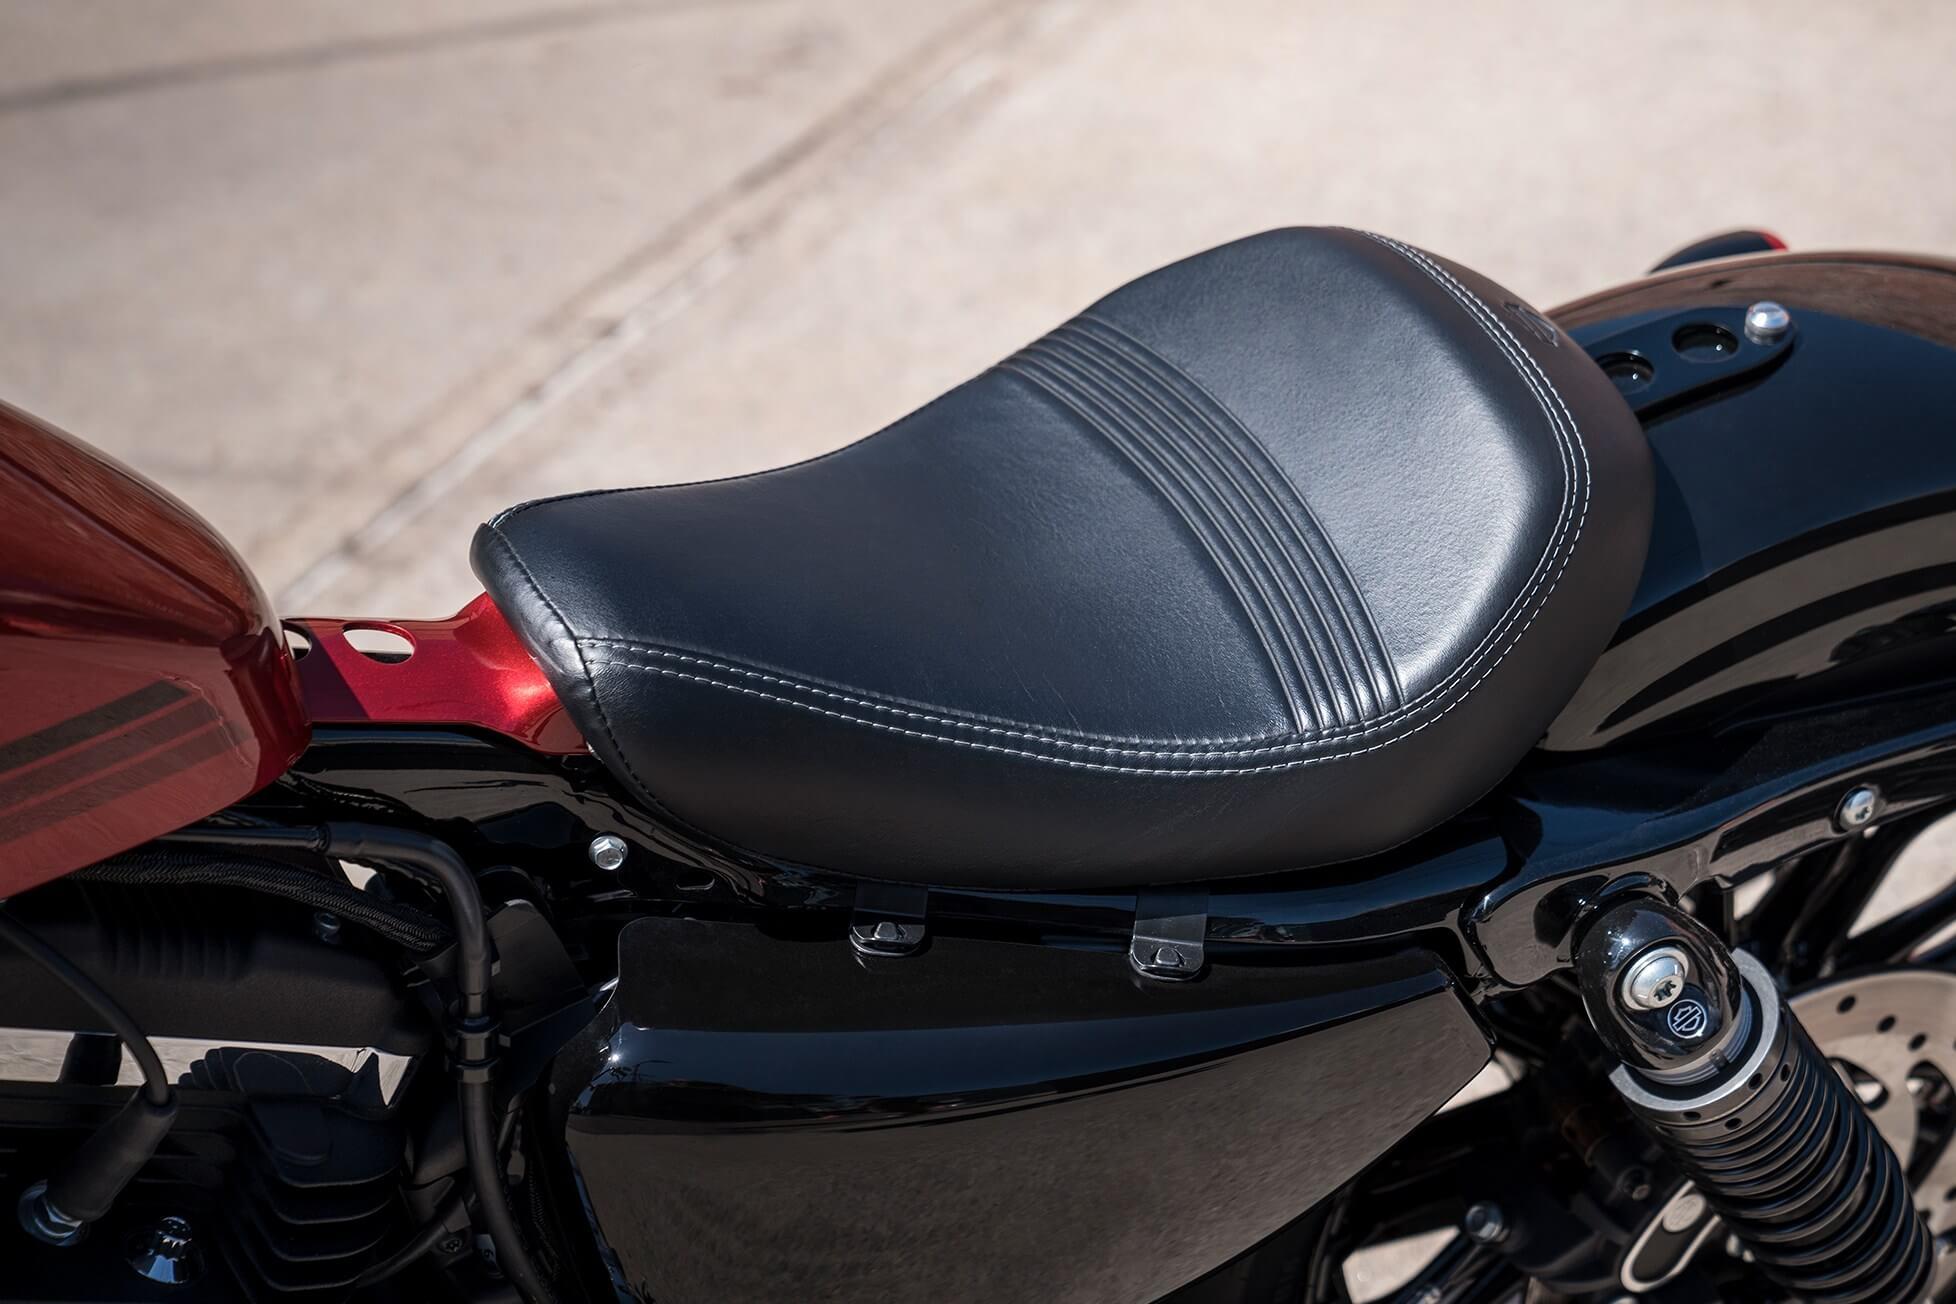 Optimized Seat Design